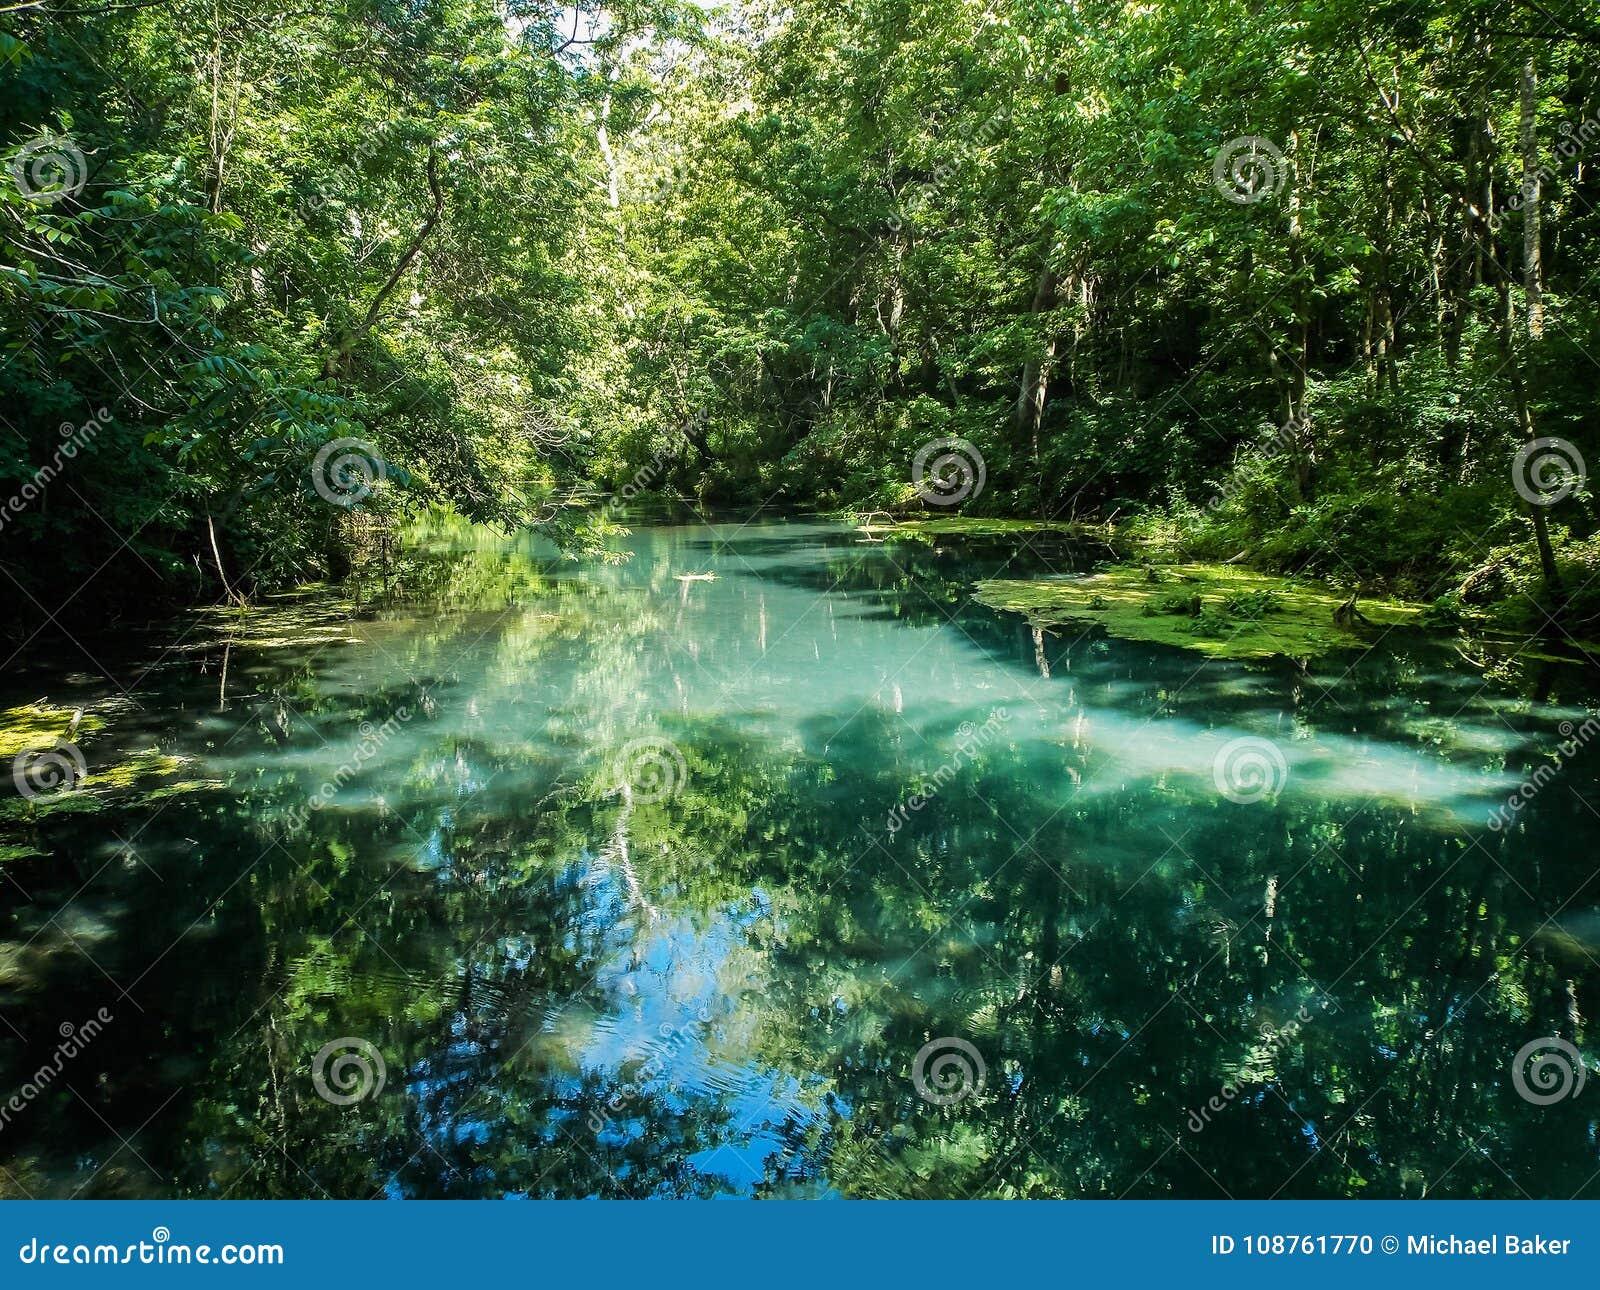 Tranquilité du vert